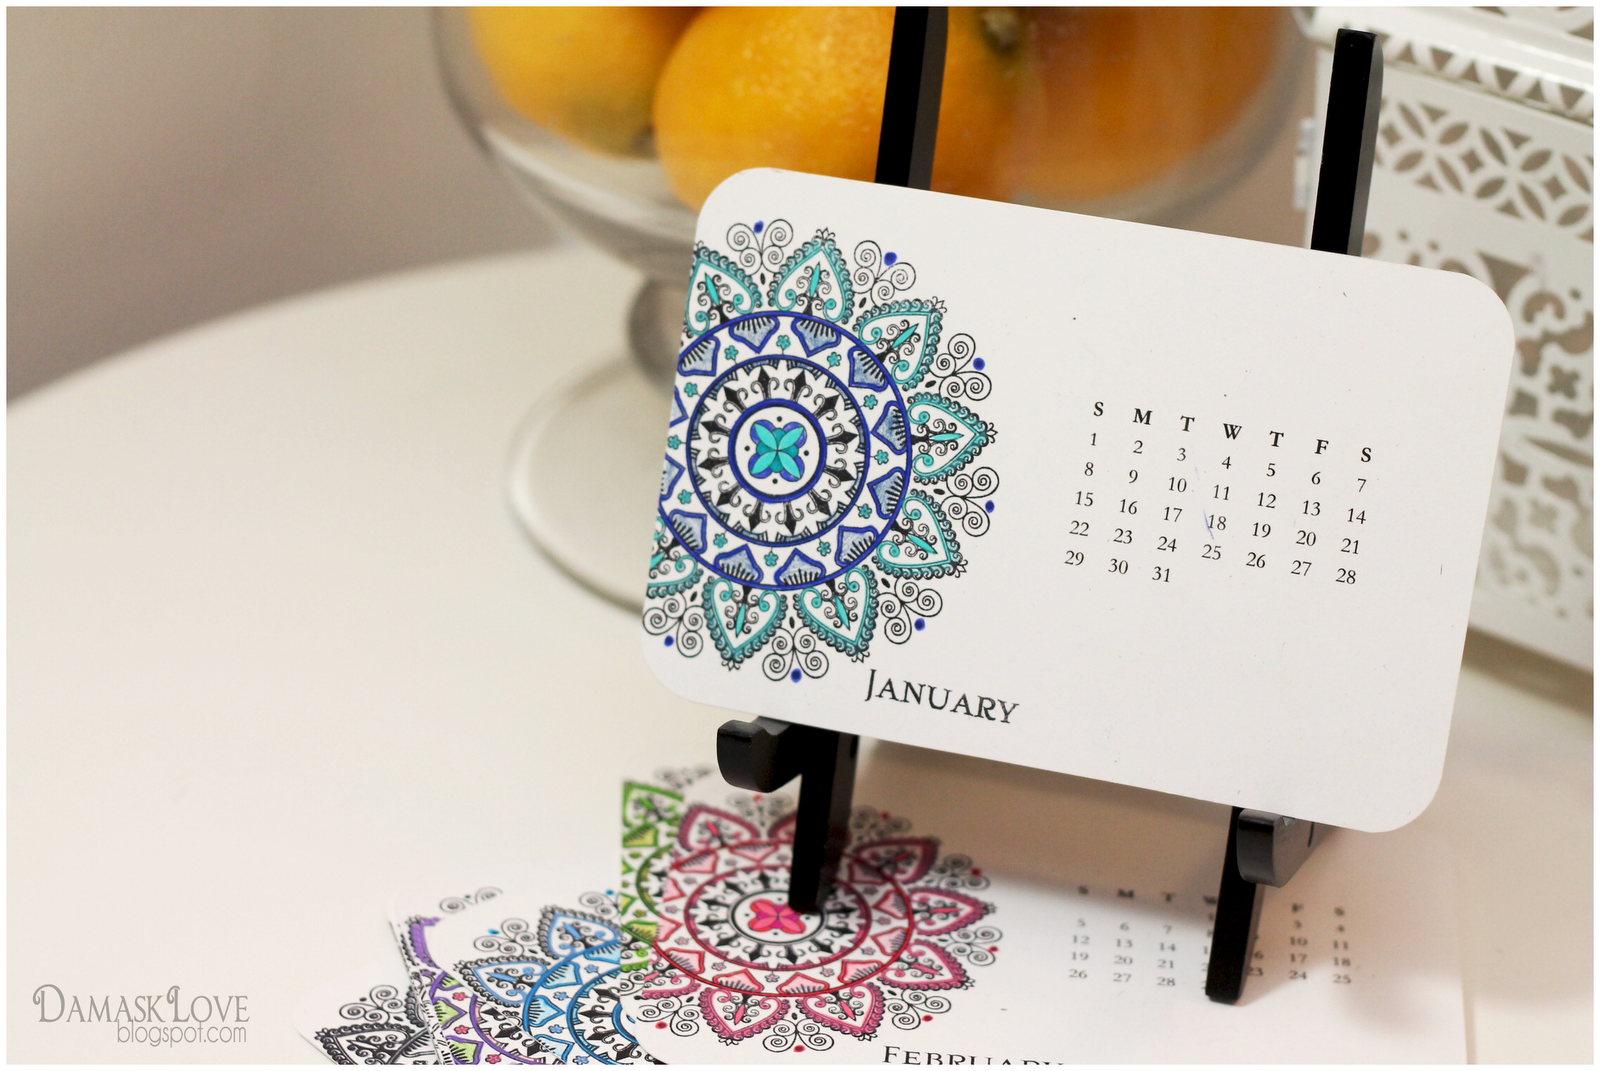 Creative Desk Calendar Ideas : Mehndi medallion desk calendar and wall downloads